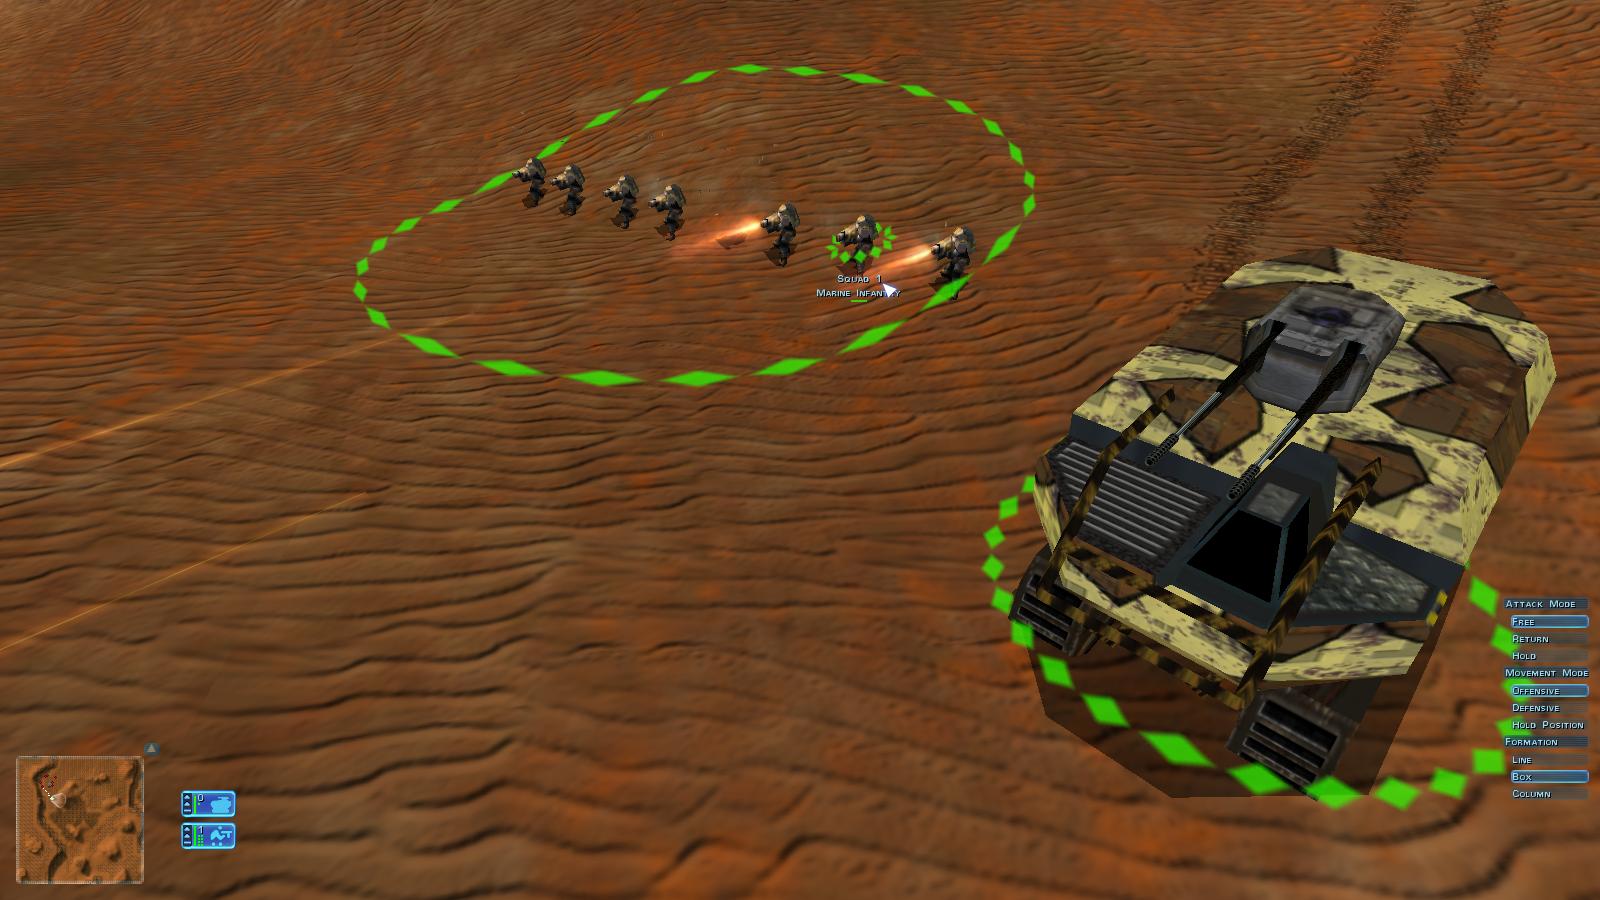 ground control 2 v1.0.0.8 patch